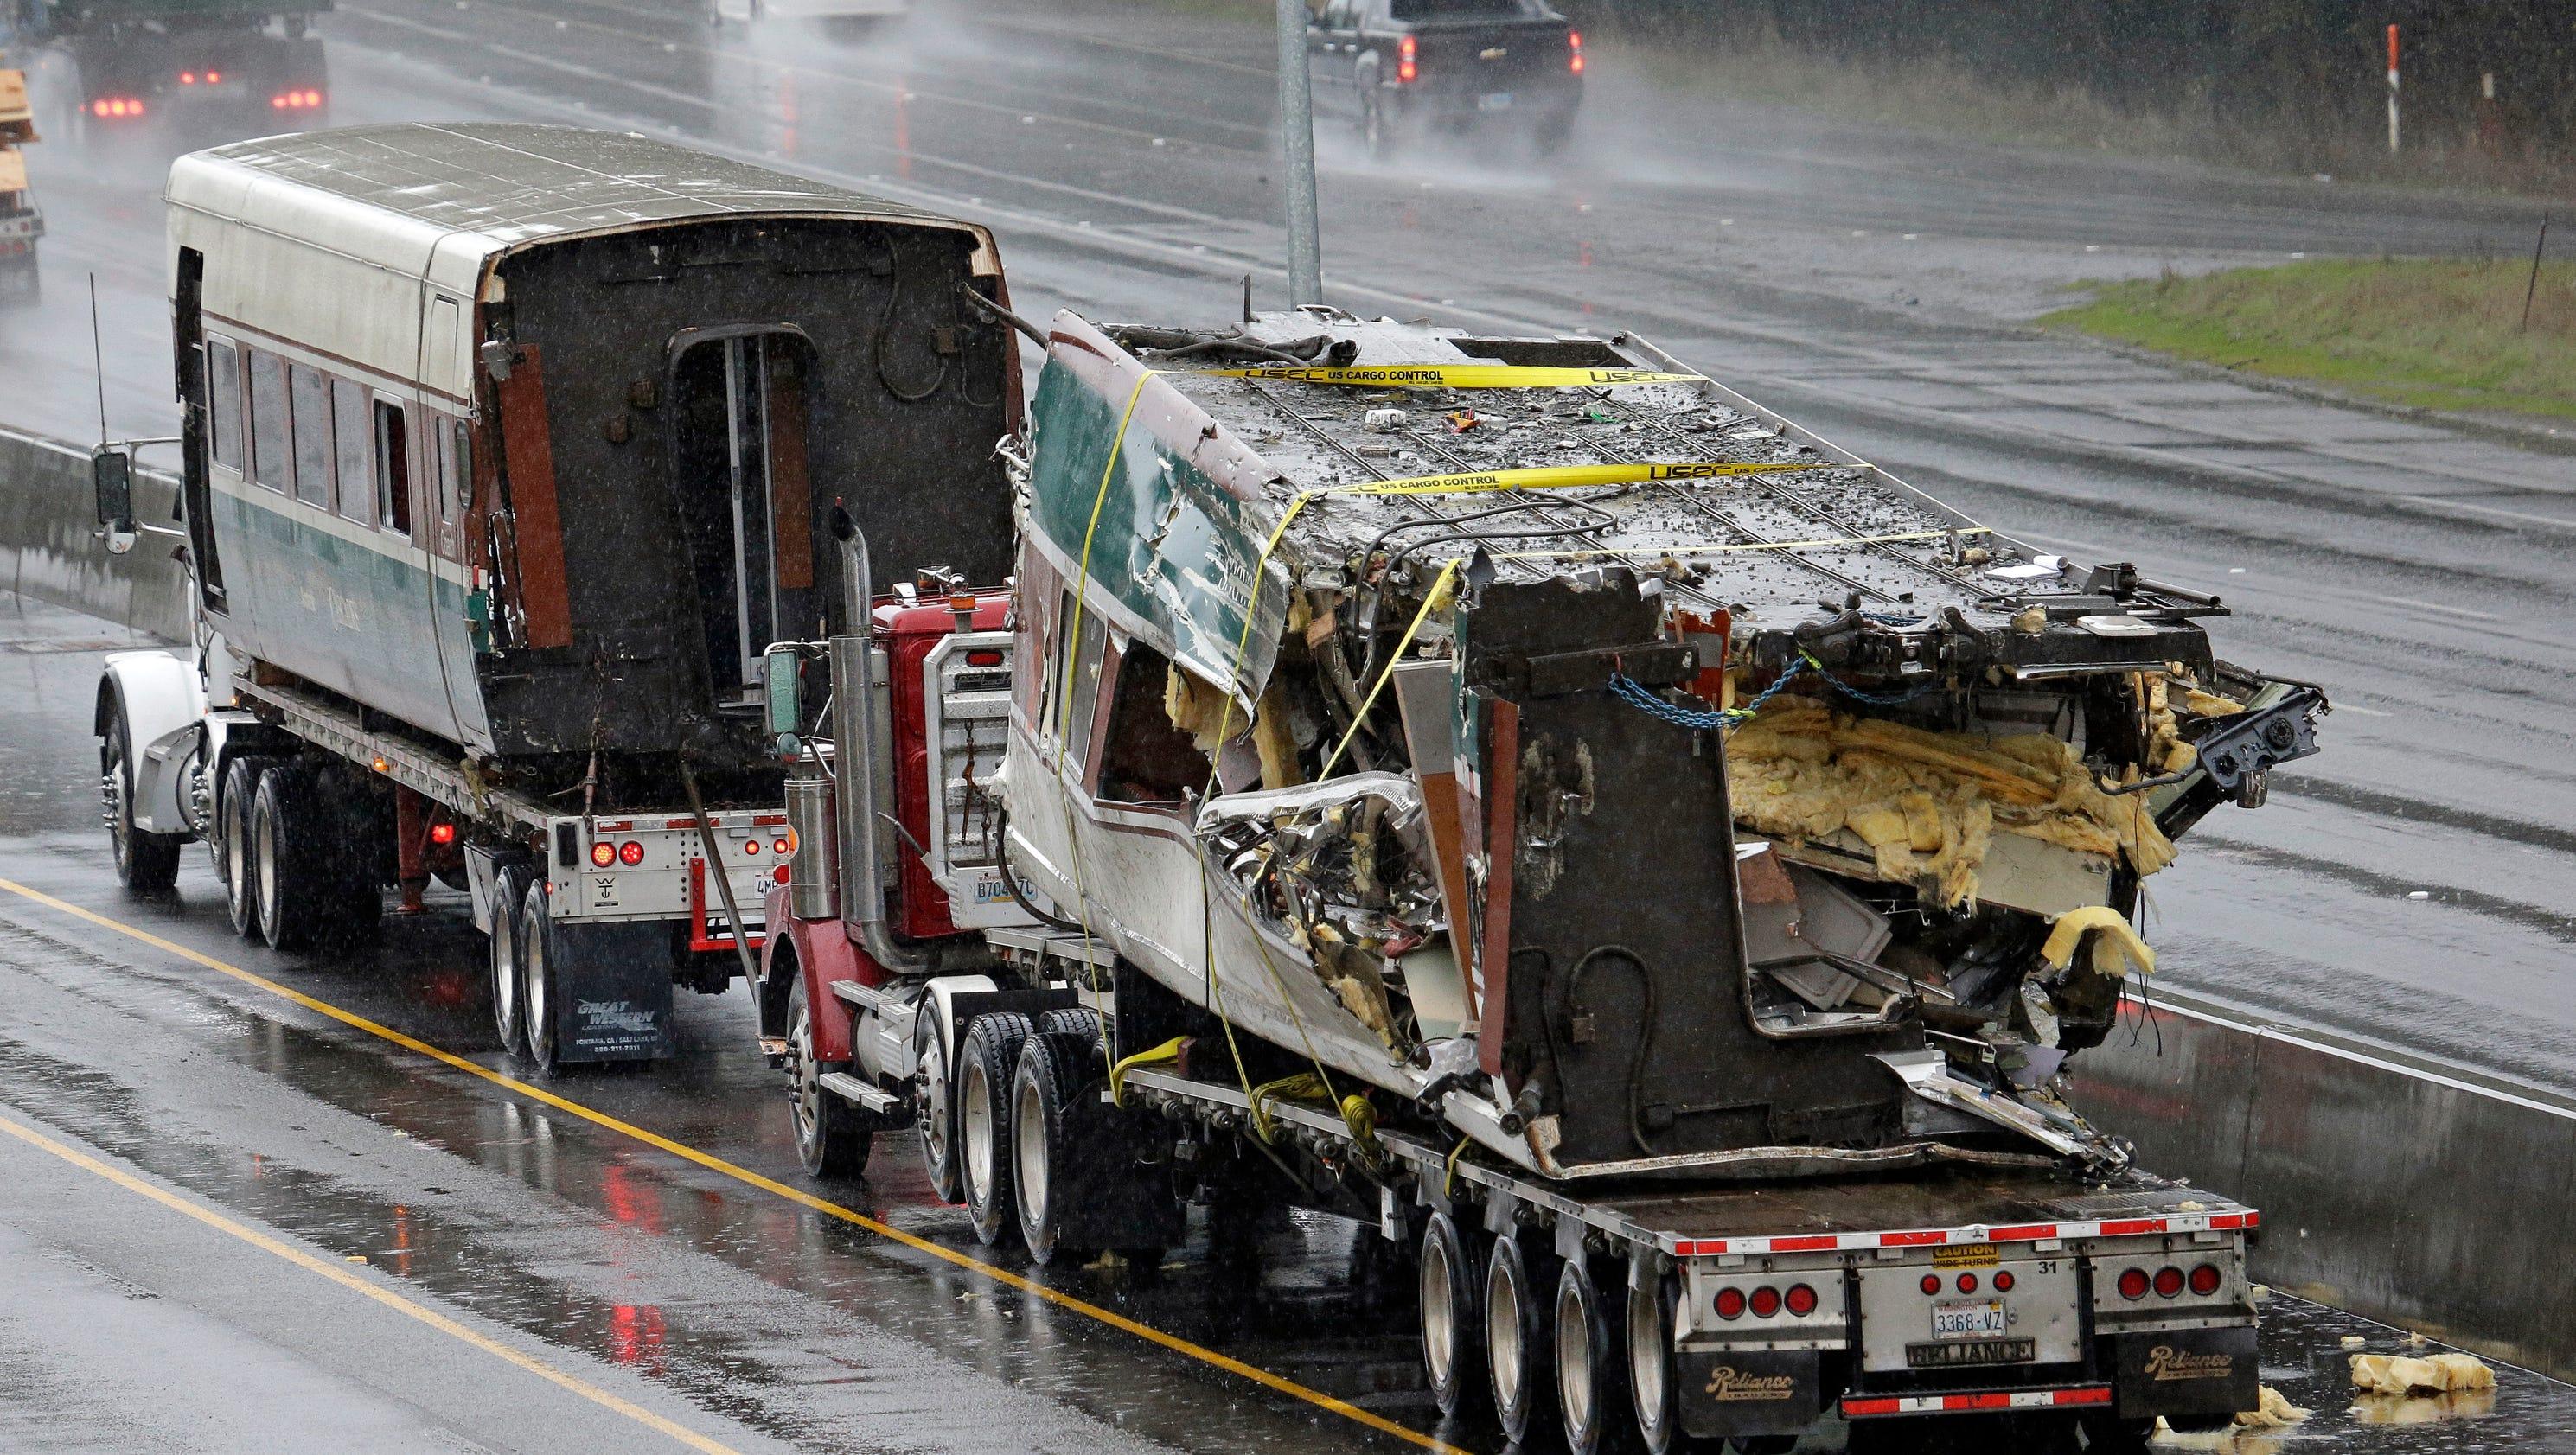 New Kensington Car Crash